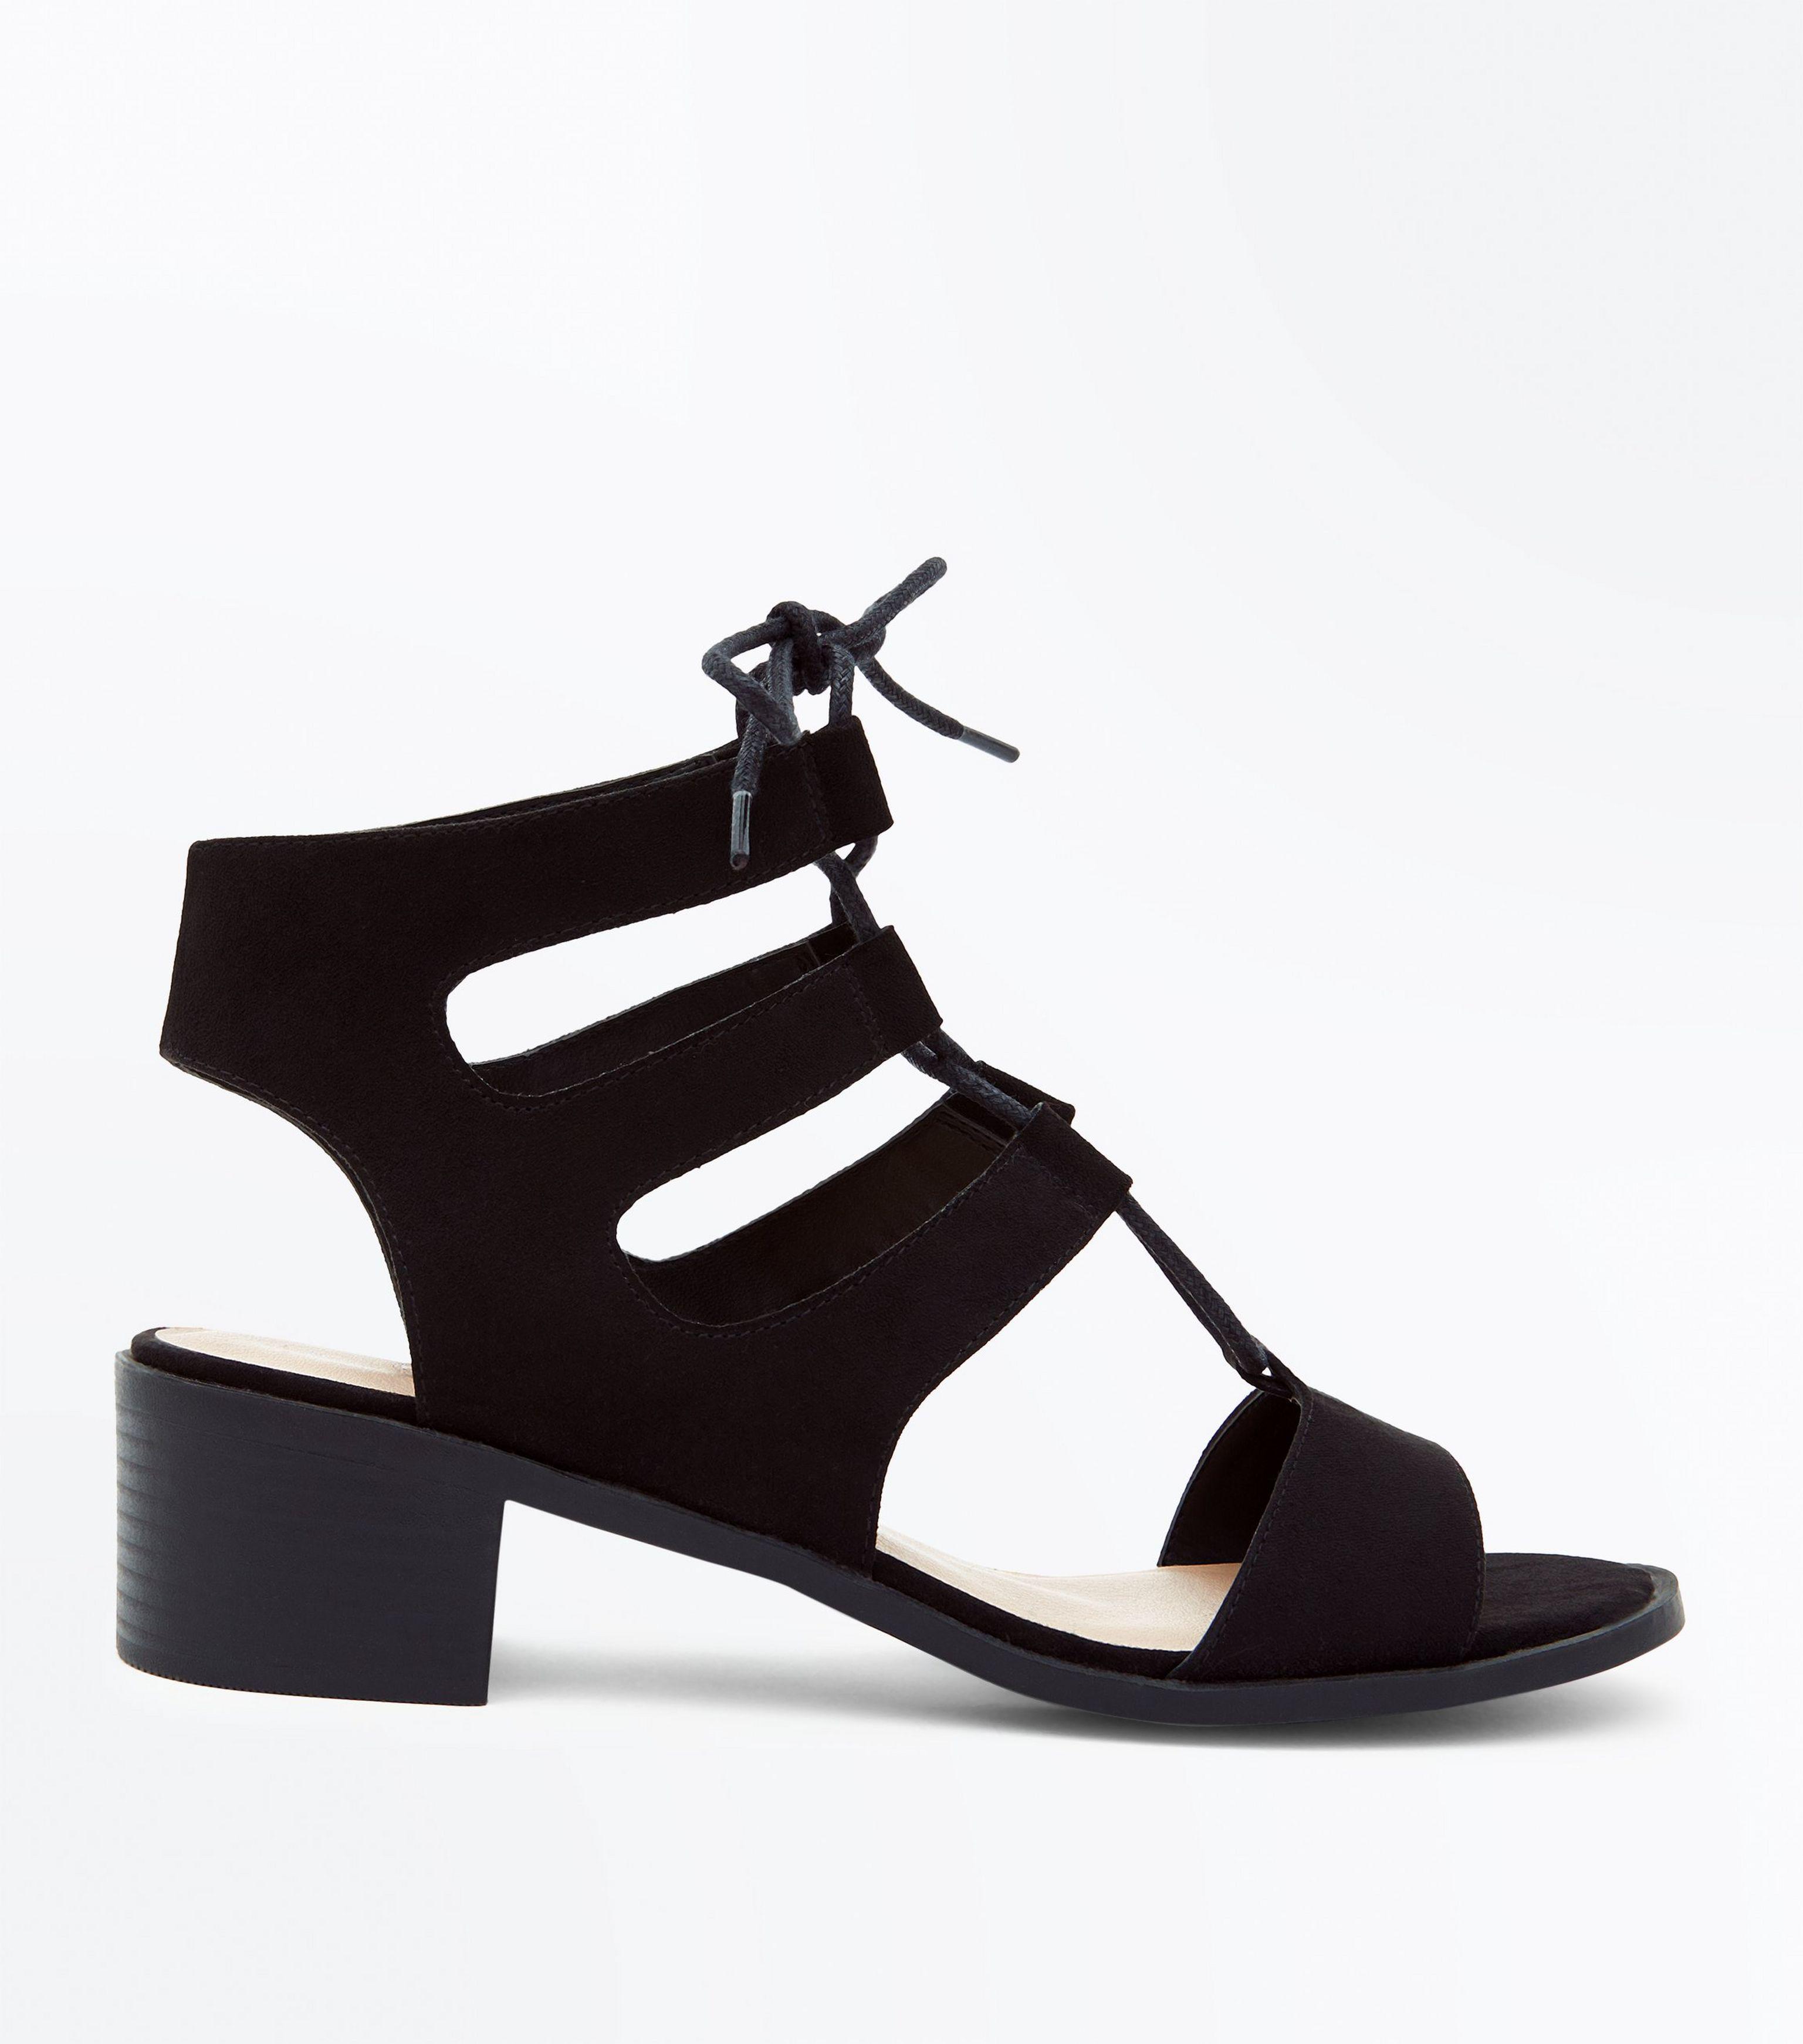 ed6df68102f6 New Look Wide Fit Black Suedette Low Heel Ghillie Sandals in Black ...